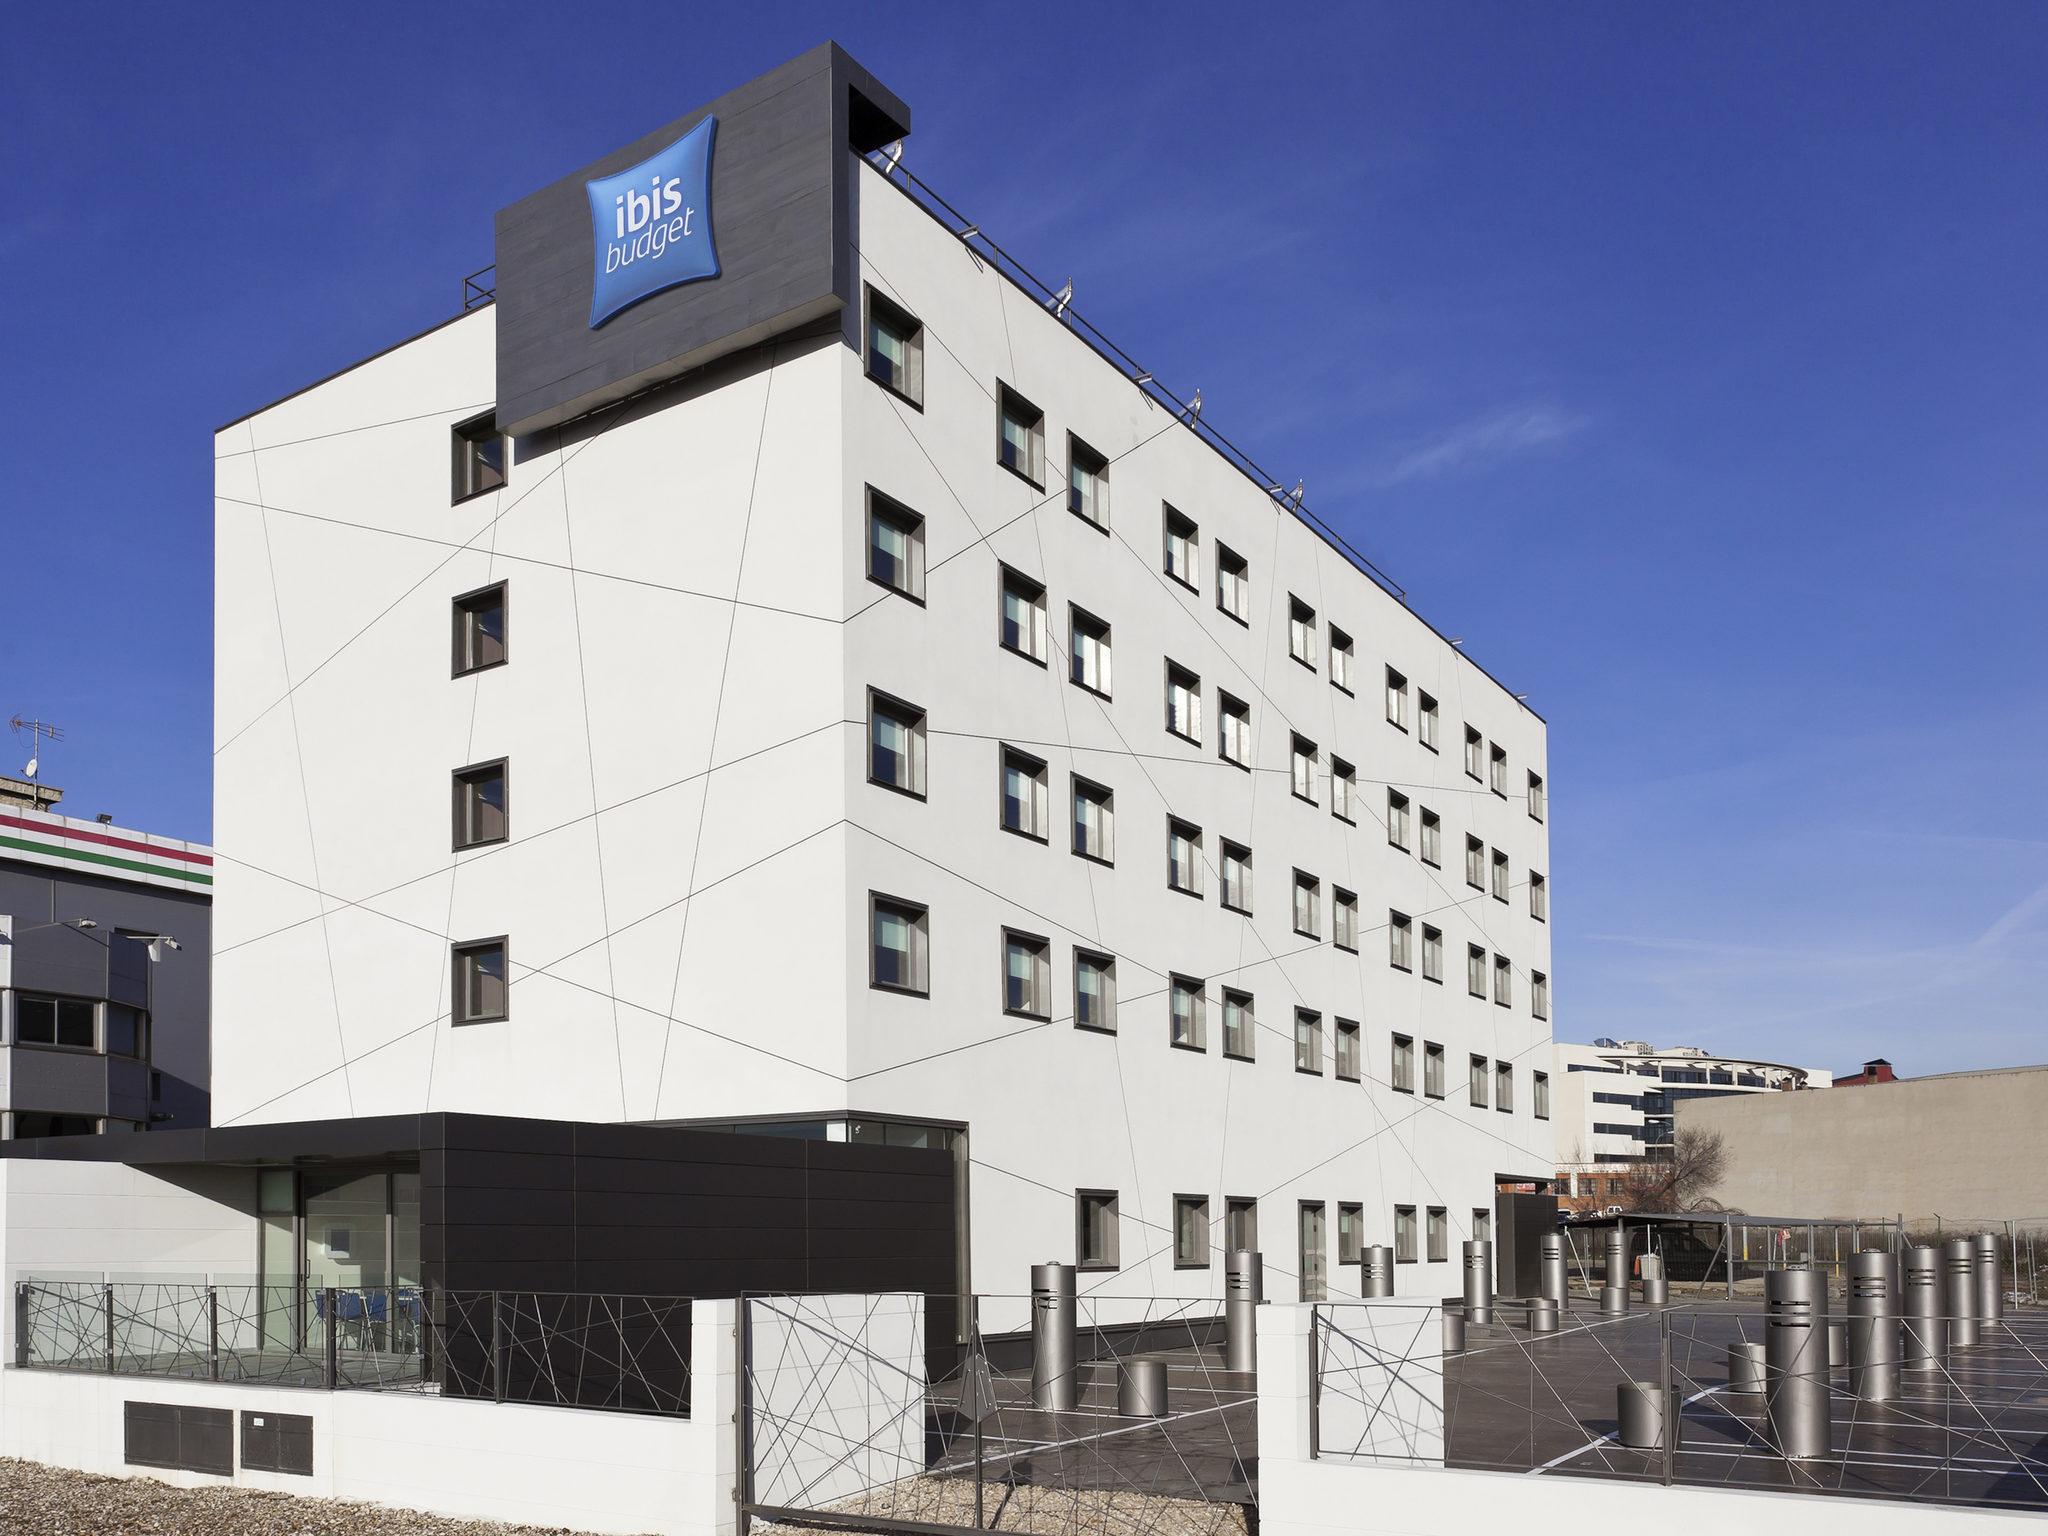 酒店 – ibis budget 马德里巴列卡斯酒店